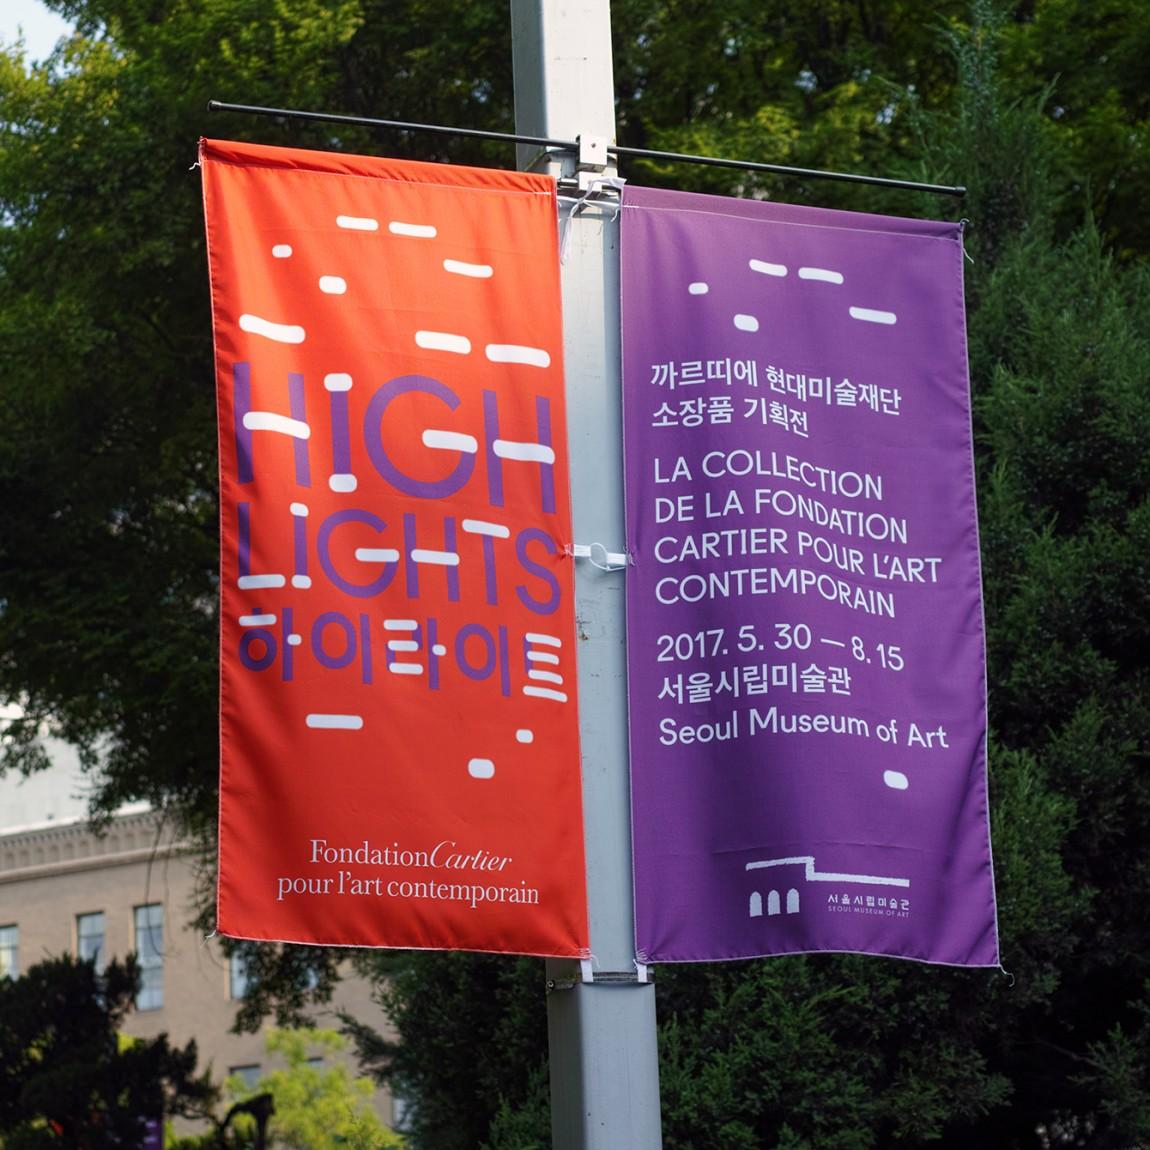 法国当代艺术博物馆作品展(Highlights)品牌创意整体形象设计,旗帜设计